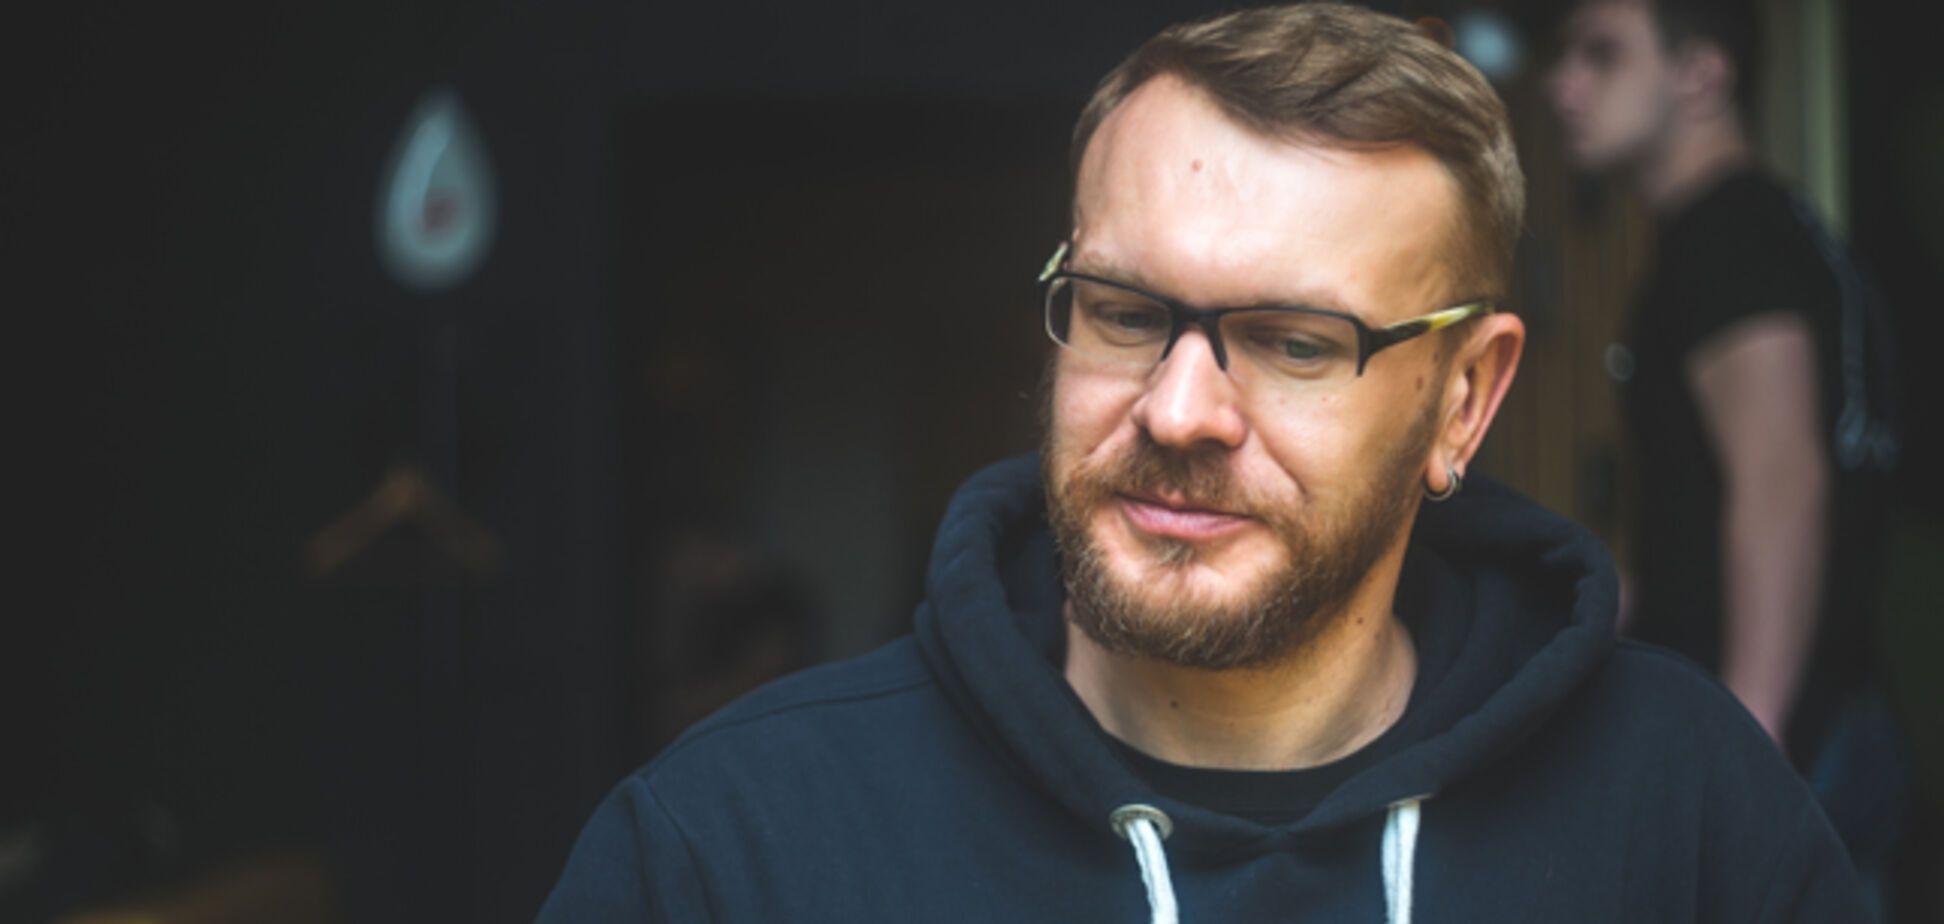 'Це маніпуляція': Положинський висловився про українських артистів, які виступають в Росії. Відео